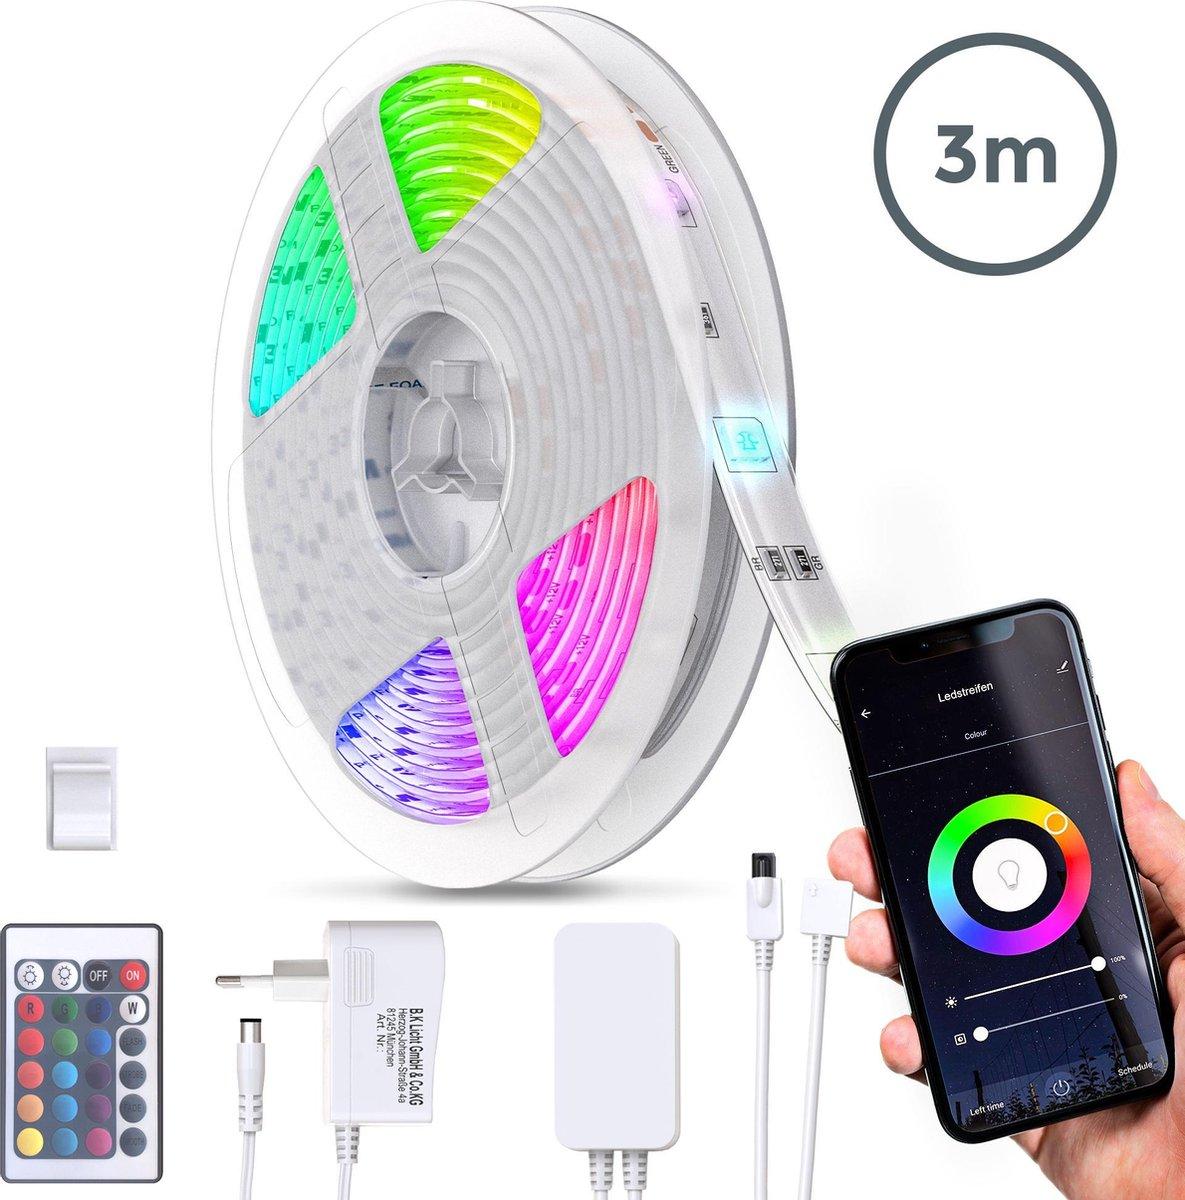 B.K.Licht - 3 meter Smart LED Strip - WiFi - RGB 16 kleuren lichtstrip - dimbaar - met afstandsbediening en App - siliconencoating - zelfklevend